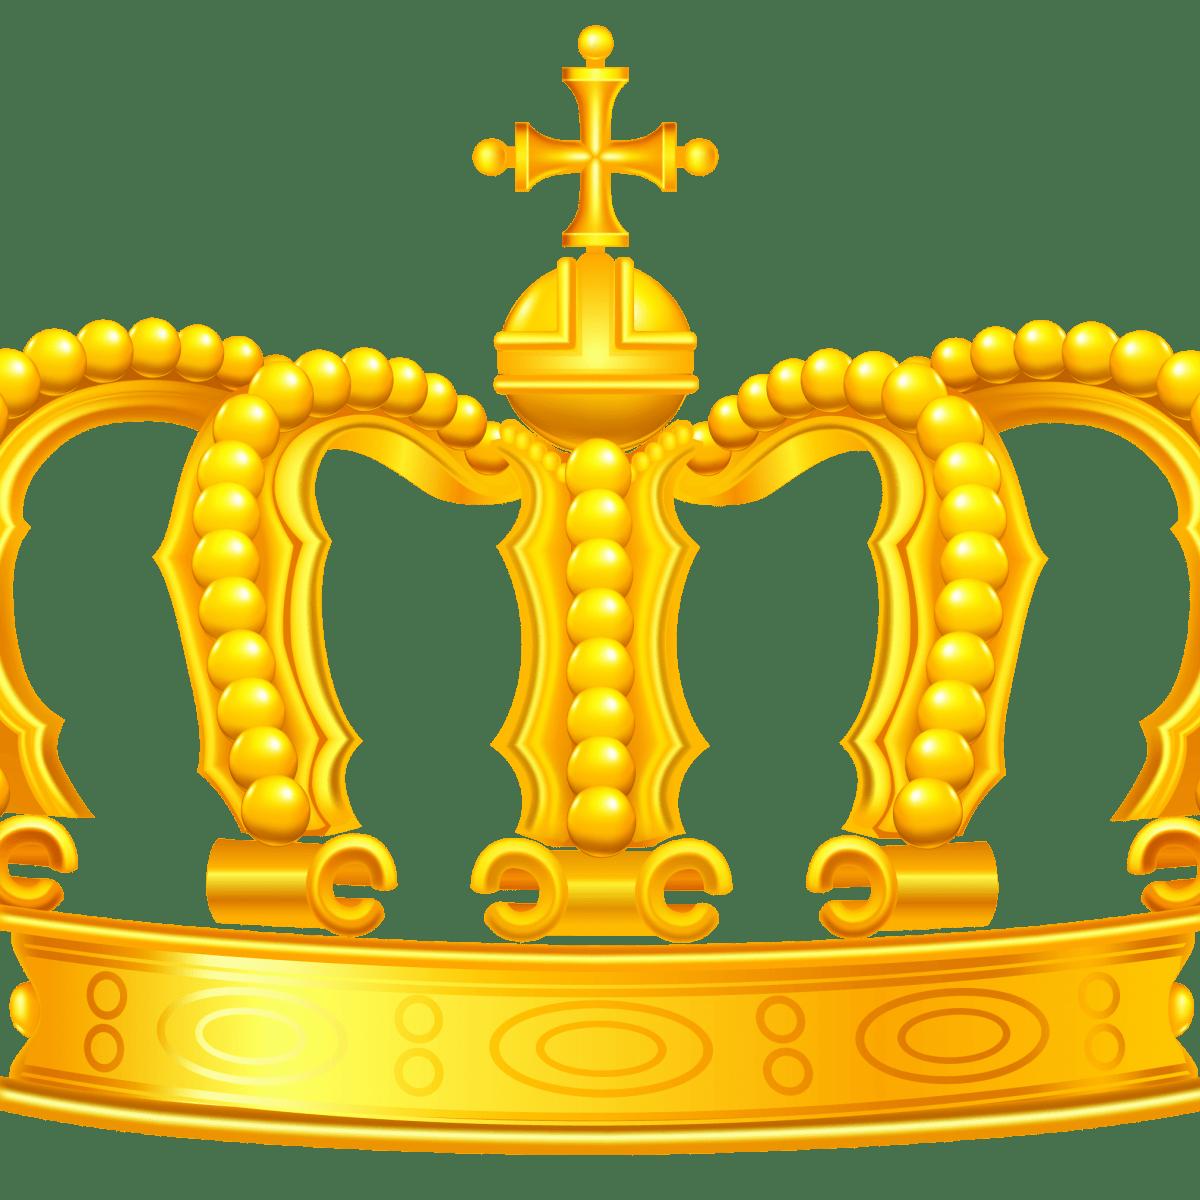 Картинки, картинки корона на прозрачном фоне